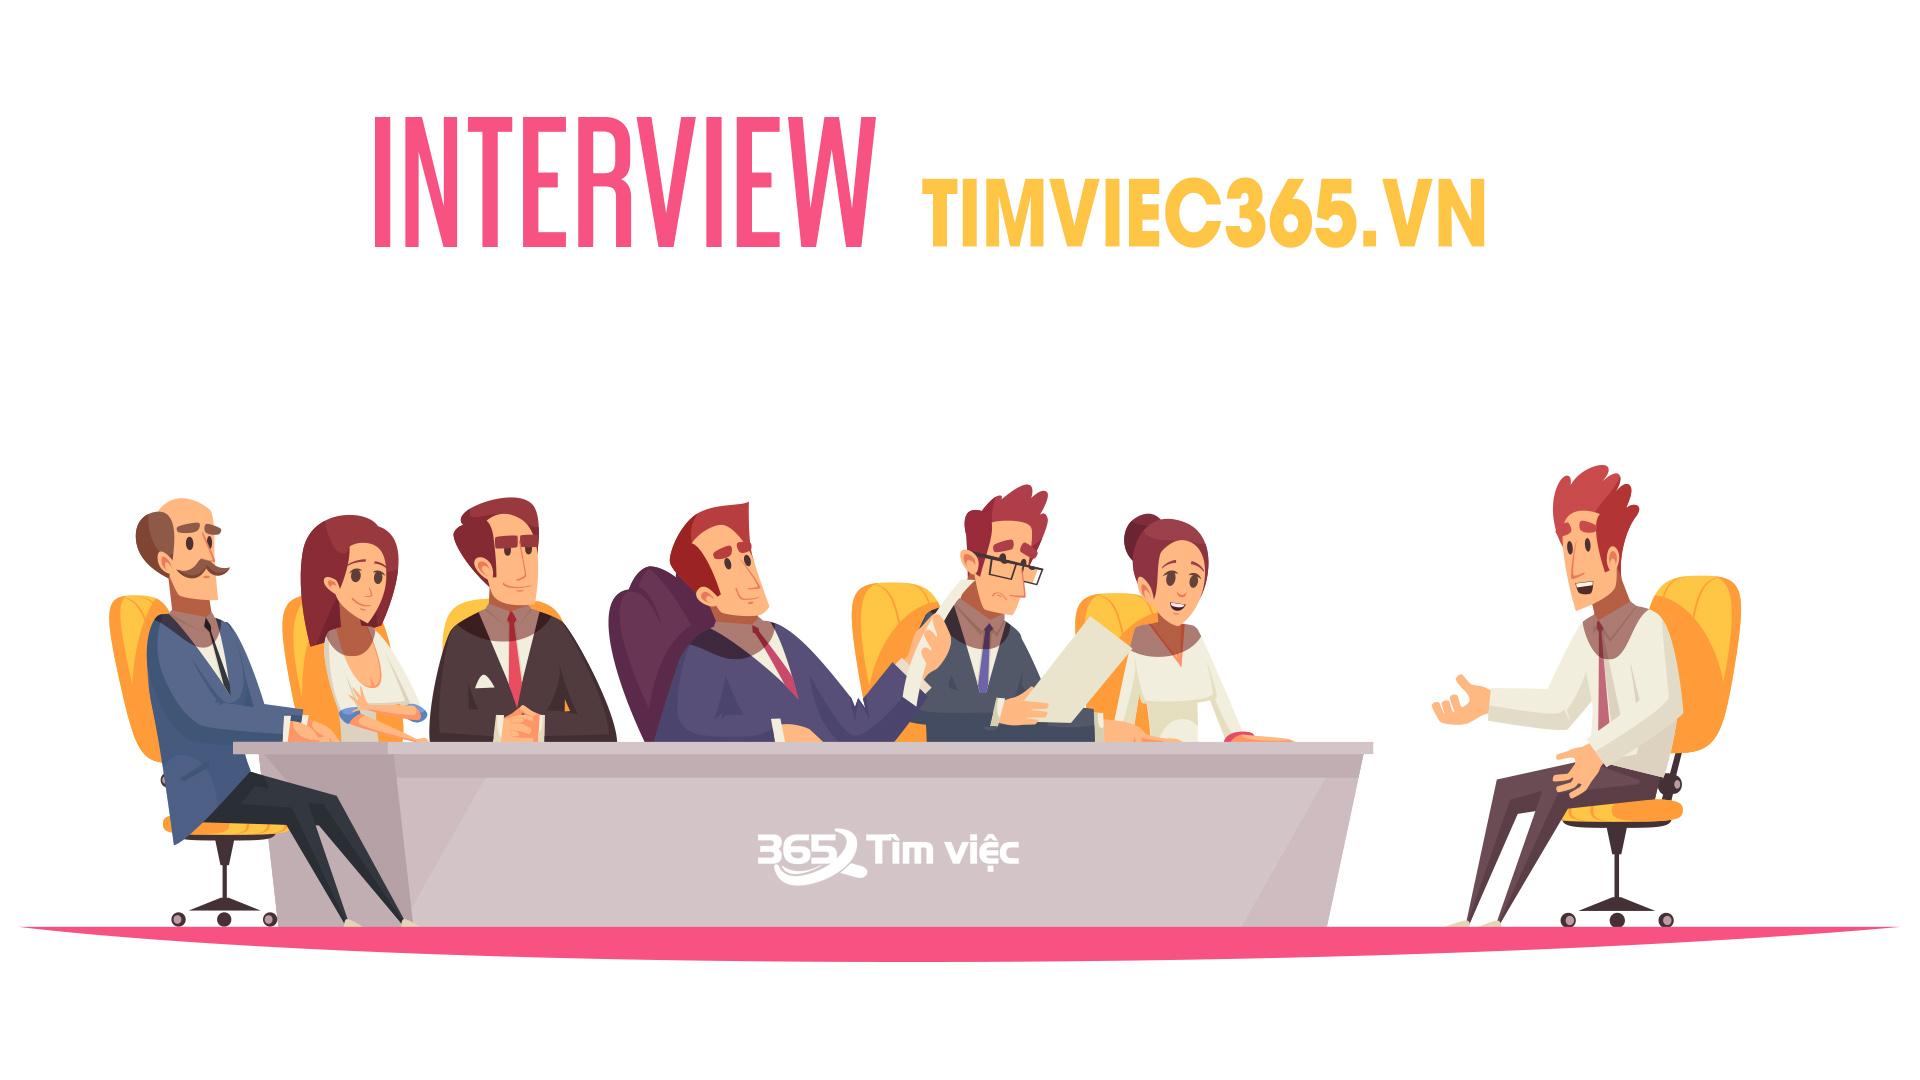 Trọn bộ những câu hỏi phỏng vấn PNJ thường gặp nhất bạn cần biết